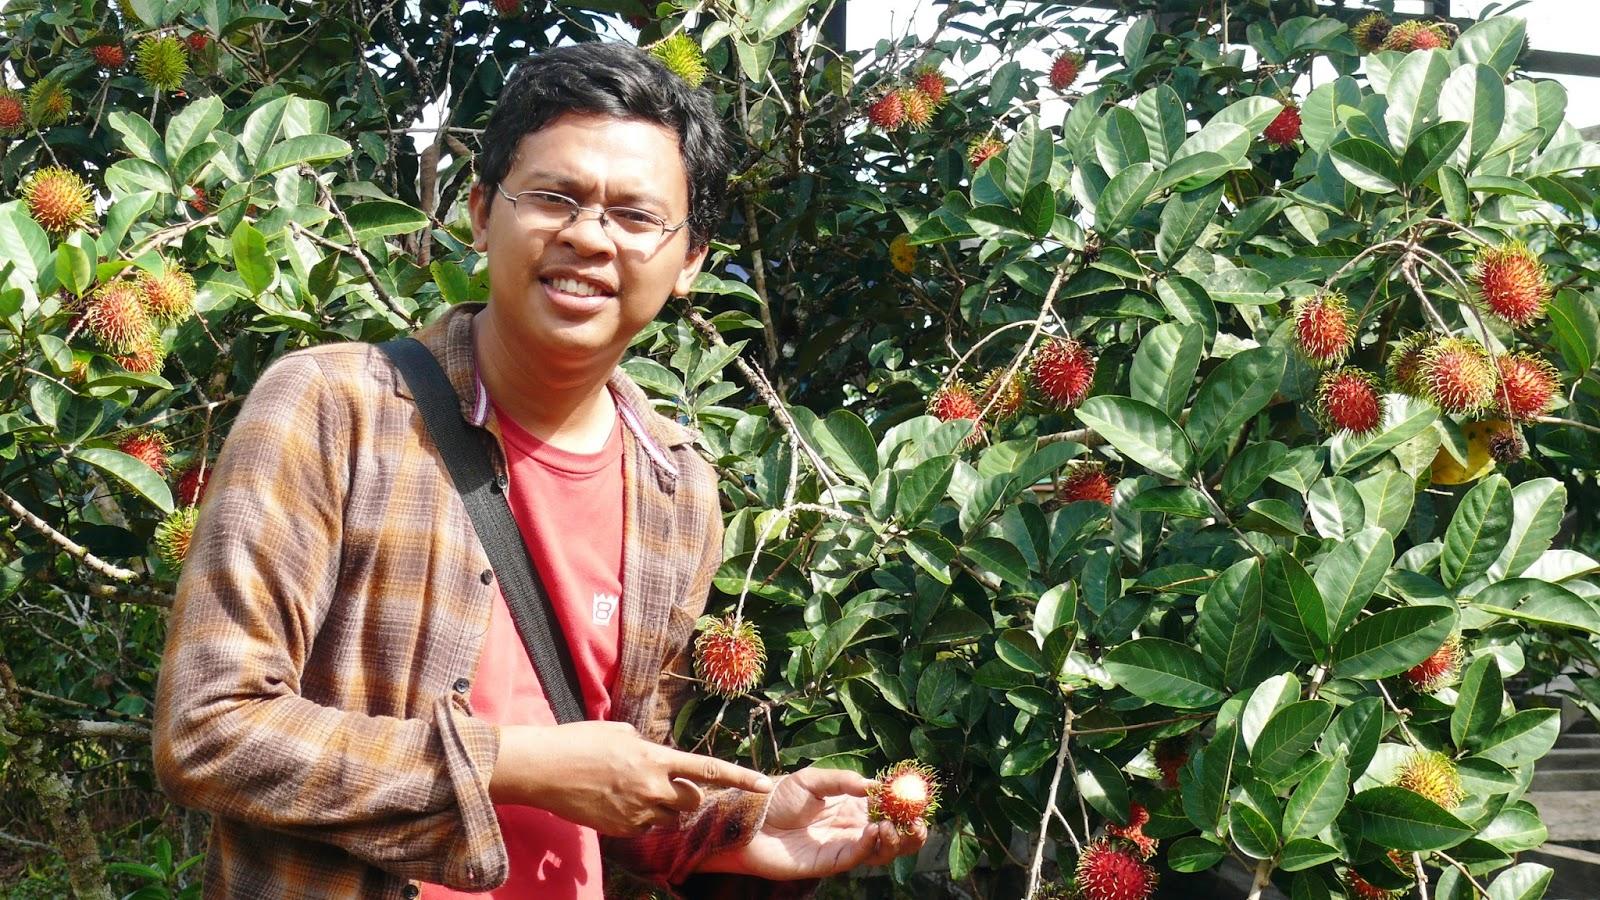 Selimau Kalimantan Utara Pohon Rambutan Perkampungan Kelurahan Tanjung Selor Timur